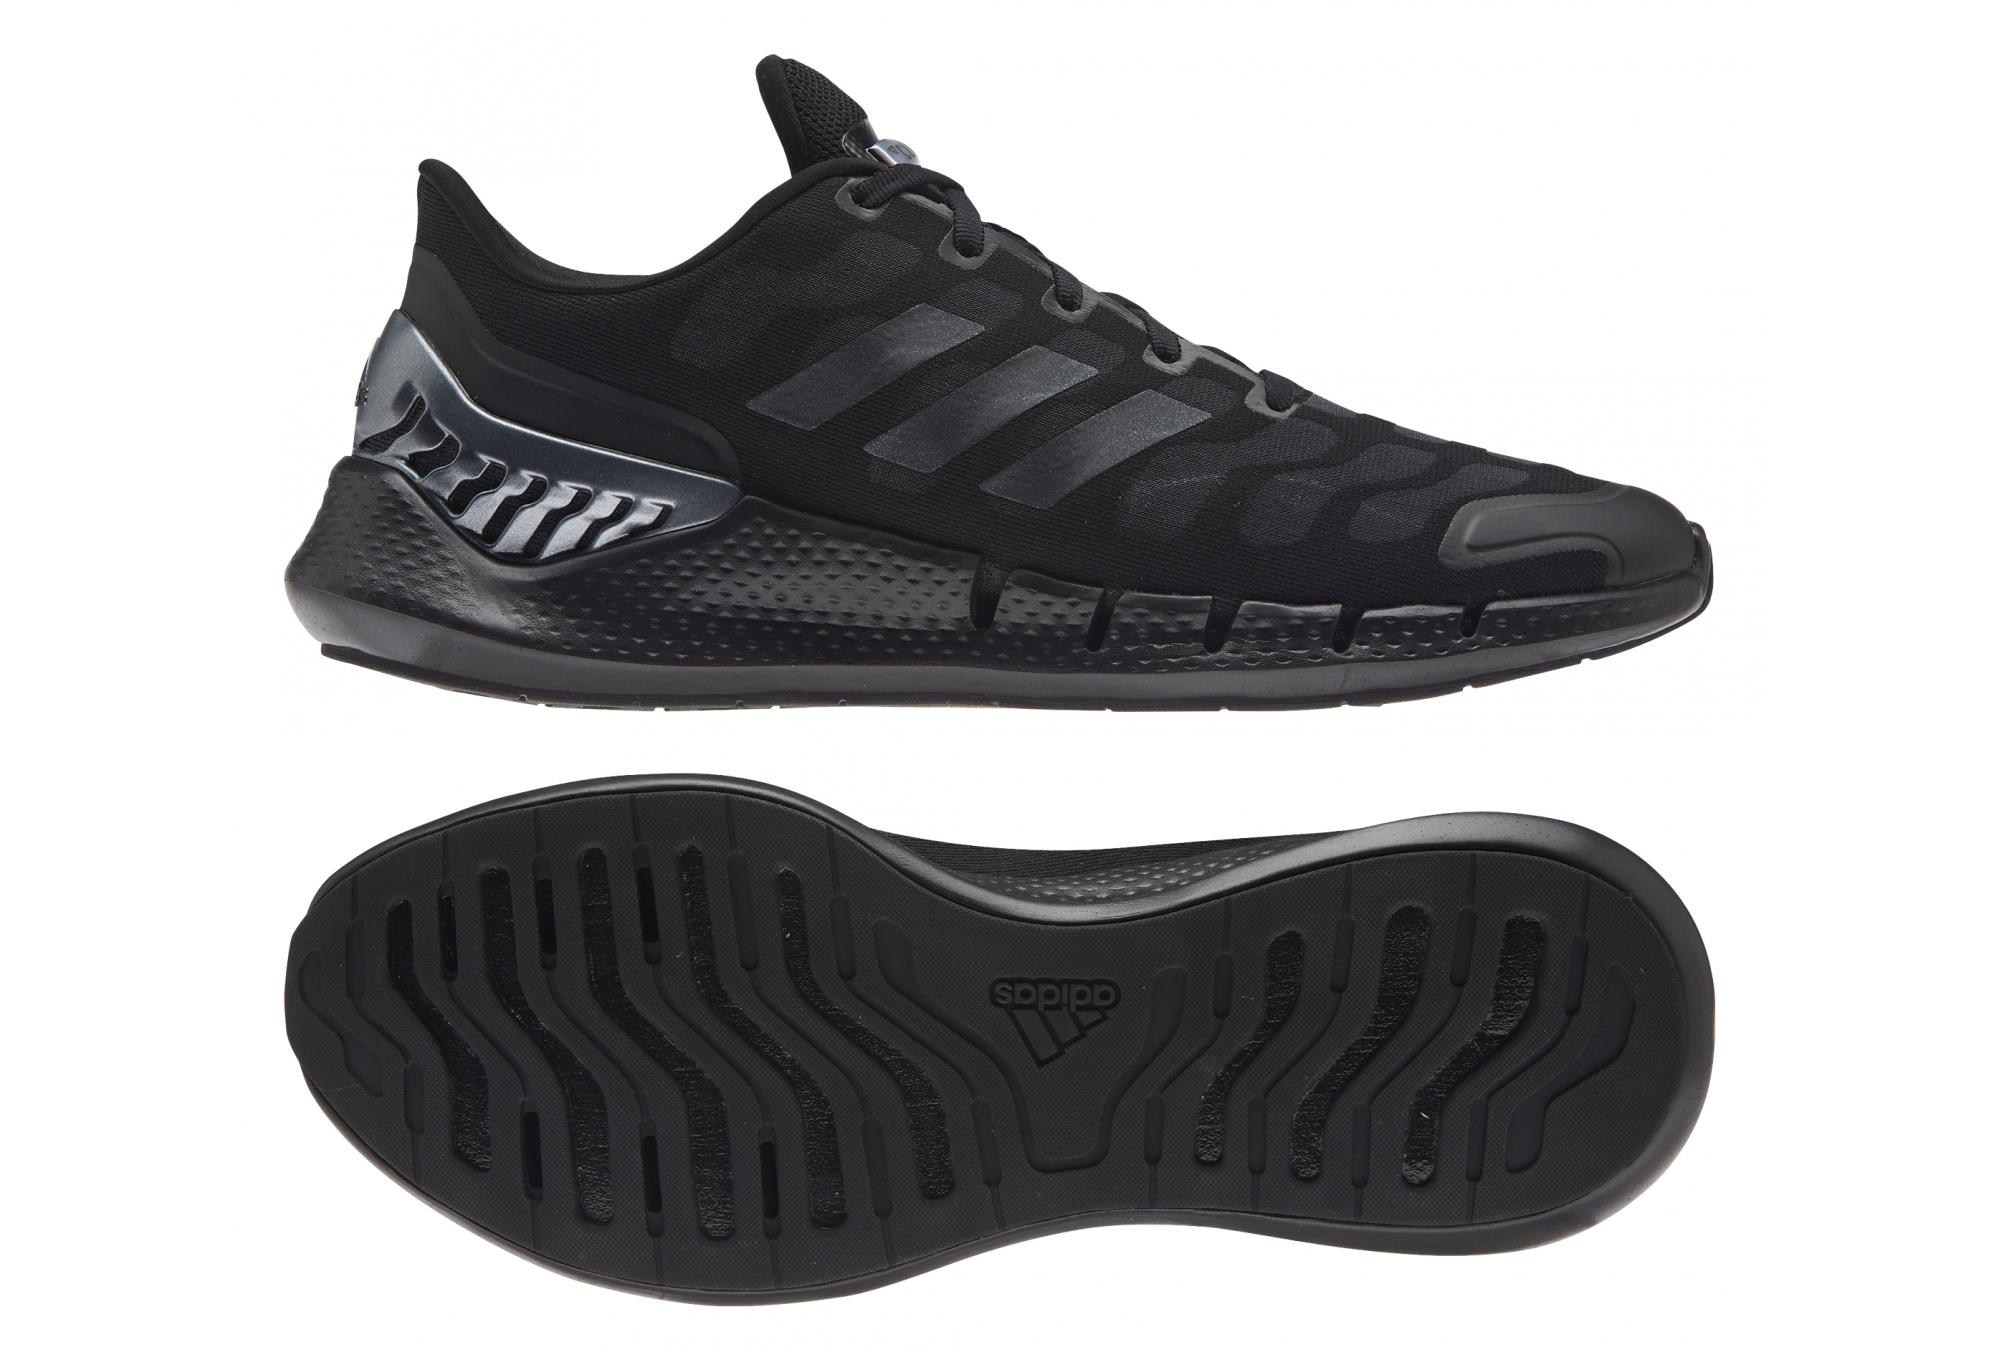 Baskets adidas Climacool Ventania   Alltricks.com